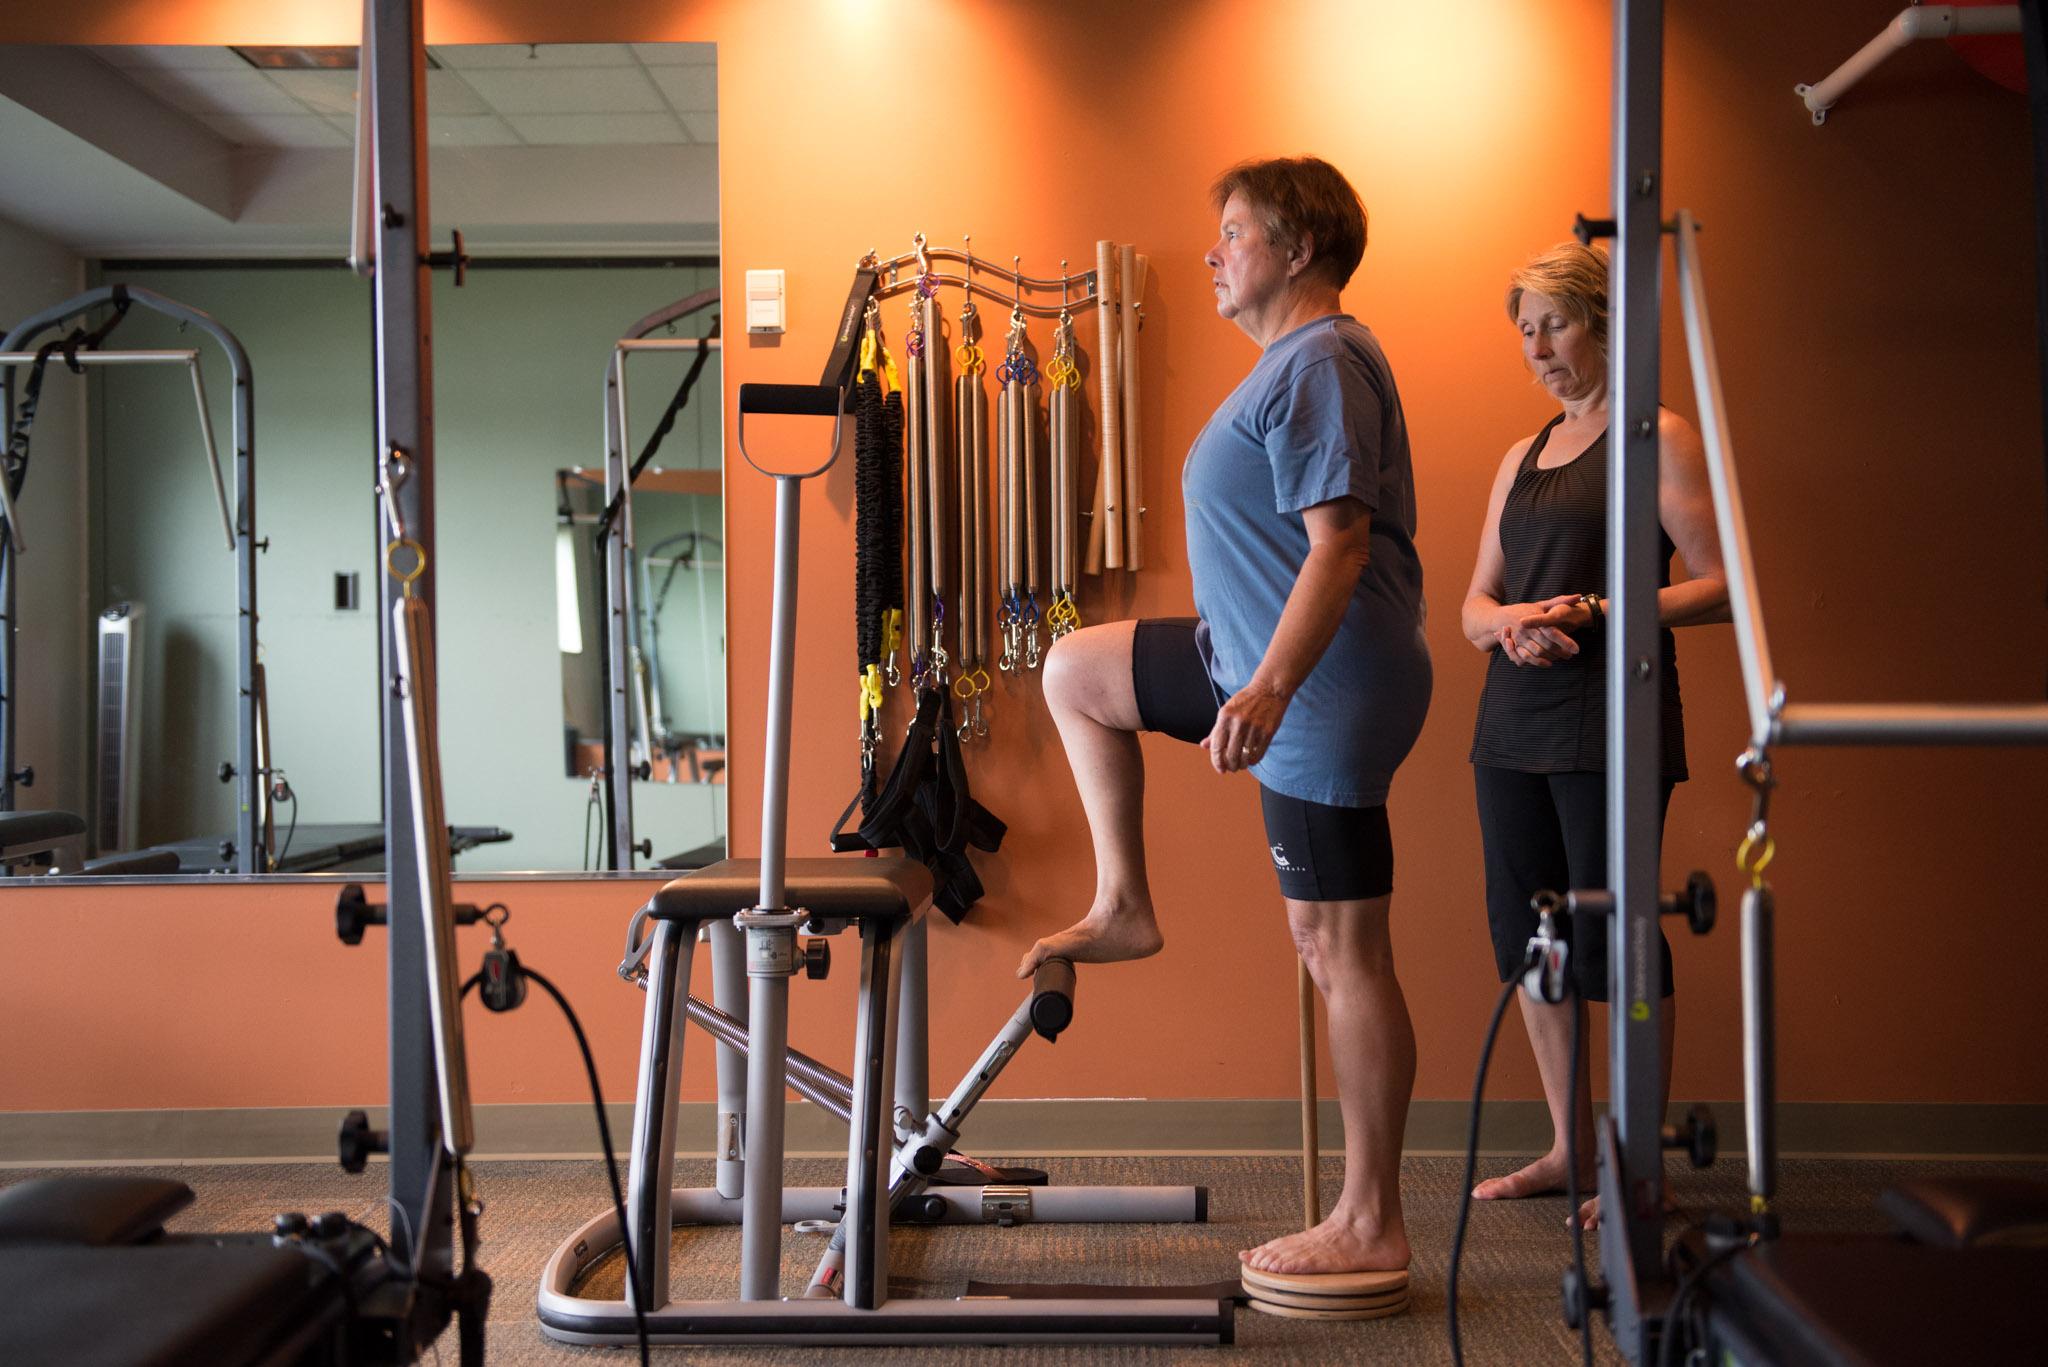 Wellness Center Stock Photos-1393.jpg